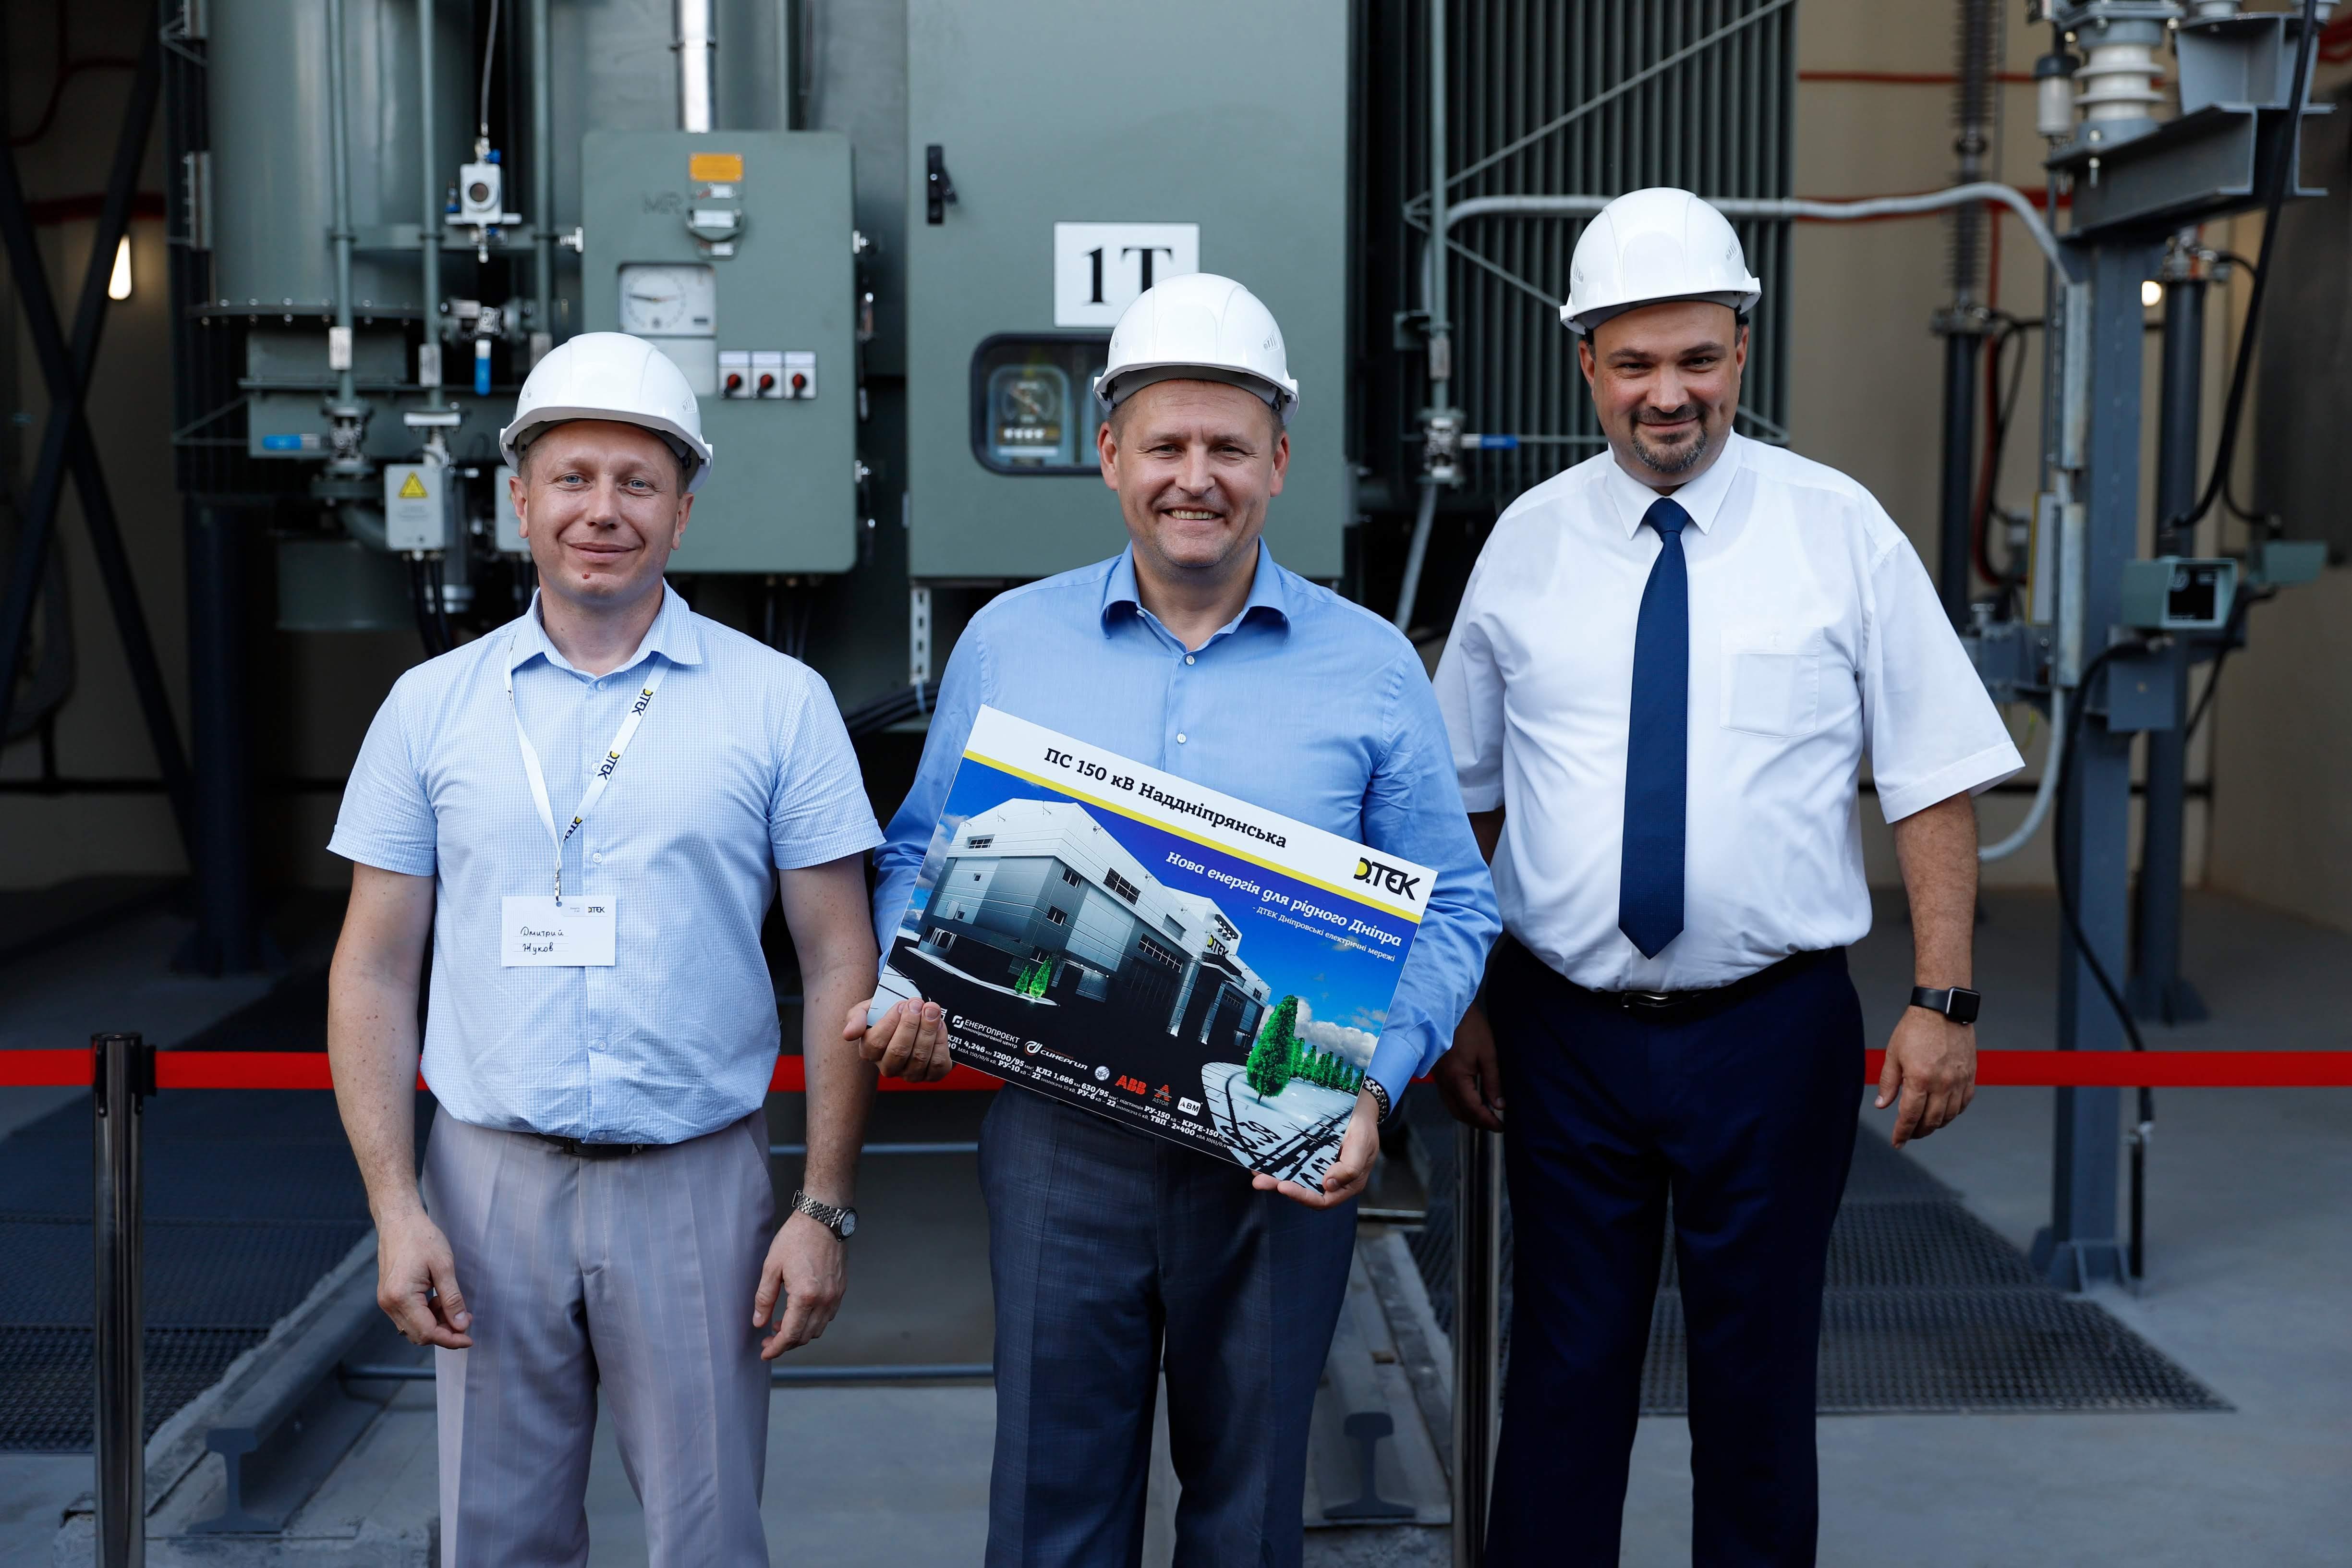 Борис Филатов принял участие в запуске подстанции «Надднепрянская», которую называют одним из самых современных энергообъектов в Украине. Новости Днепра